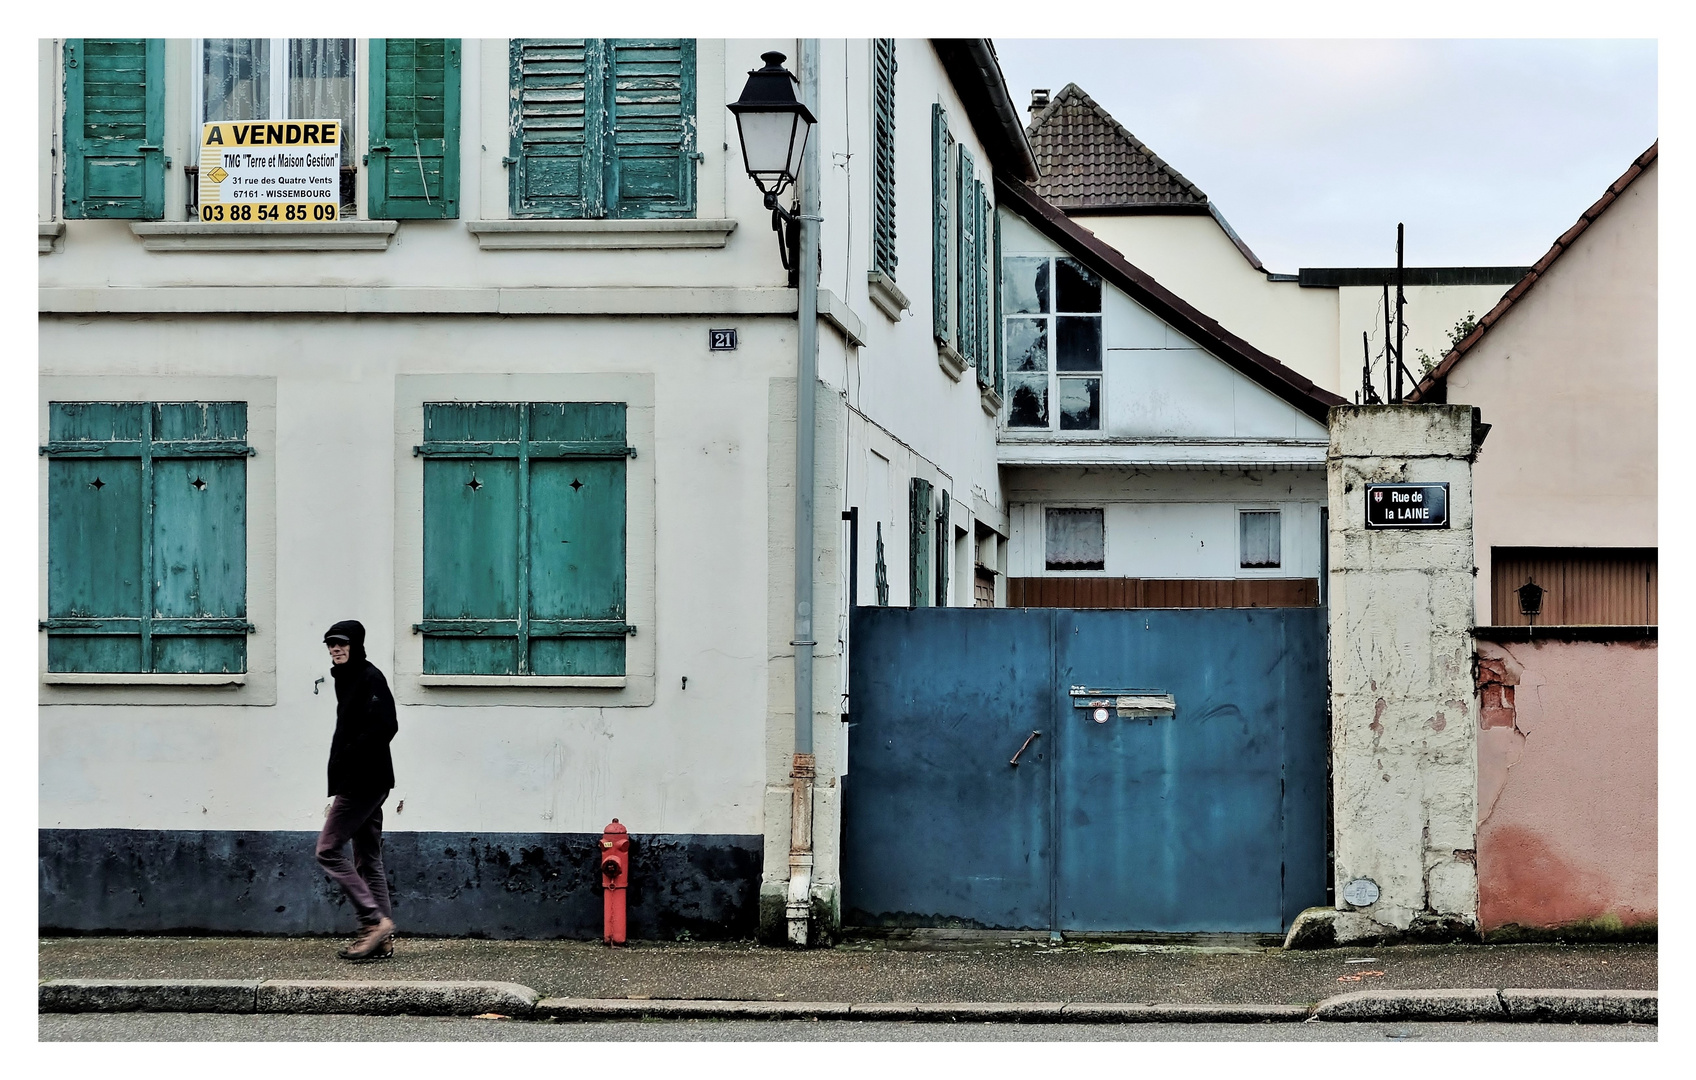 Rue de la Laine